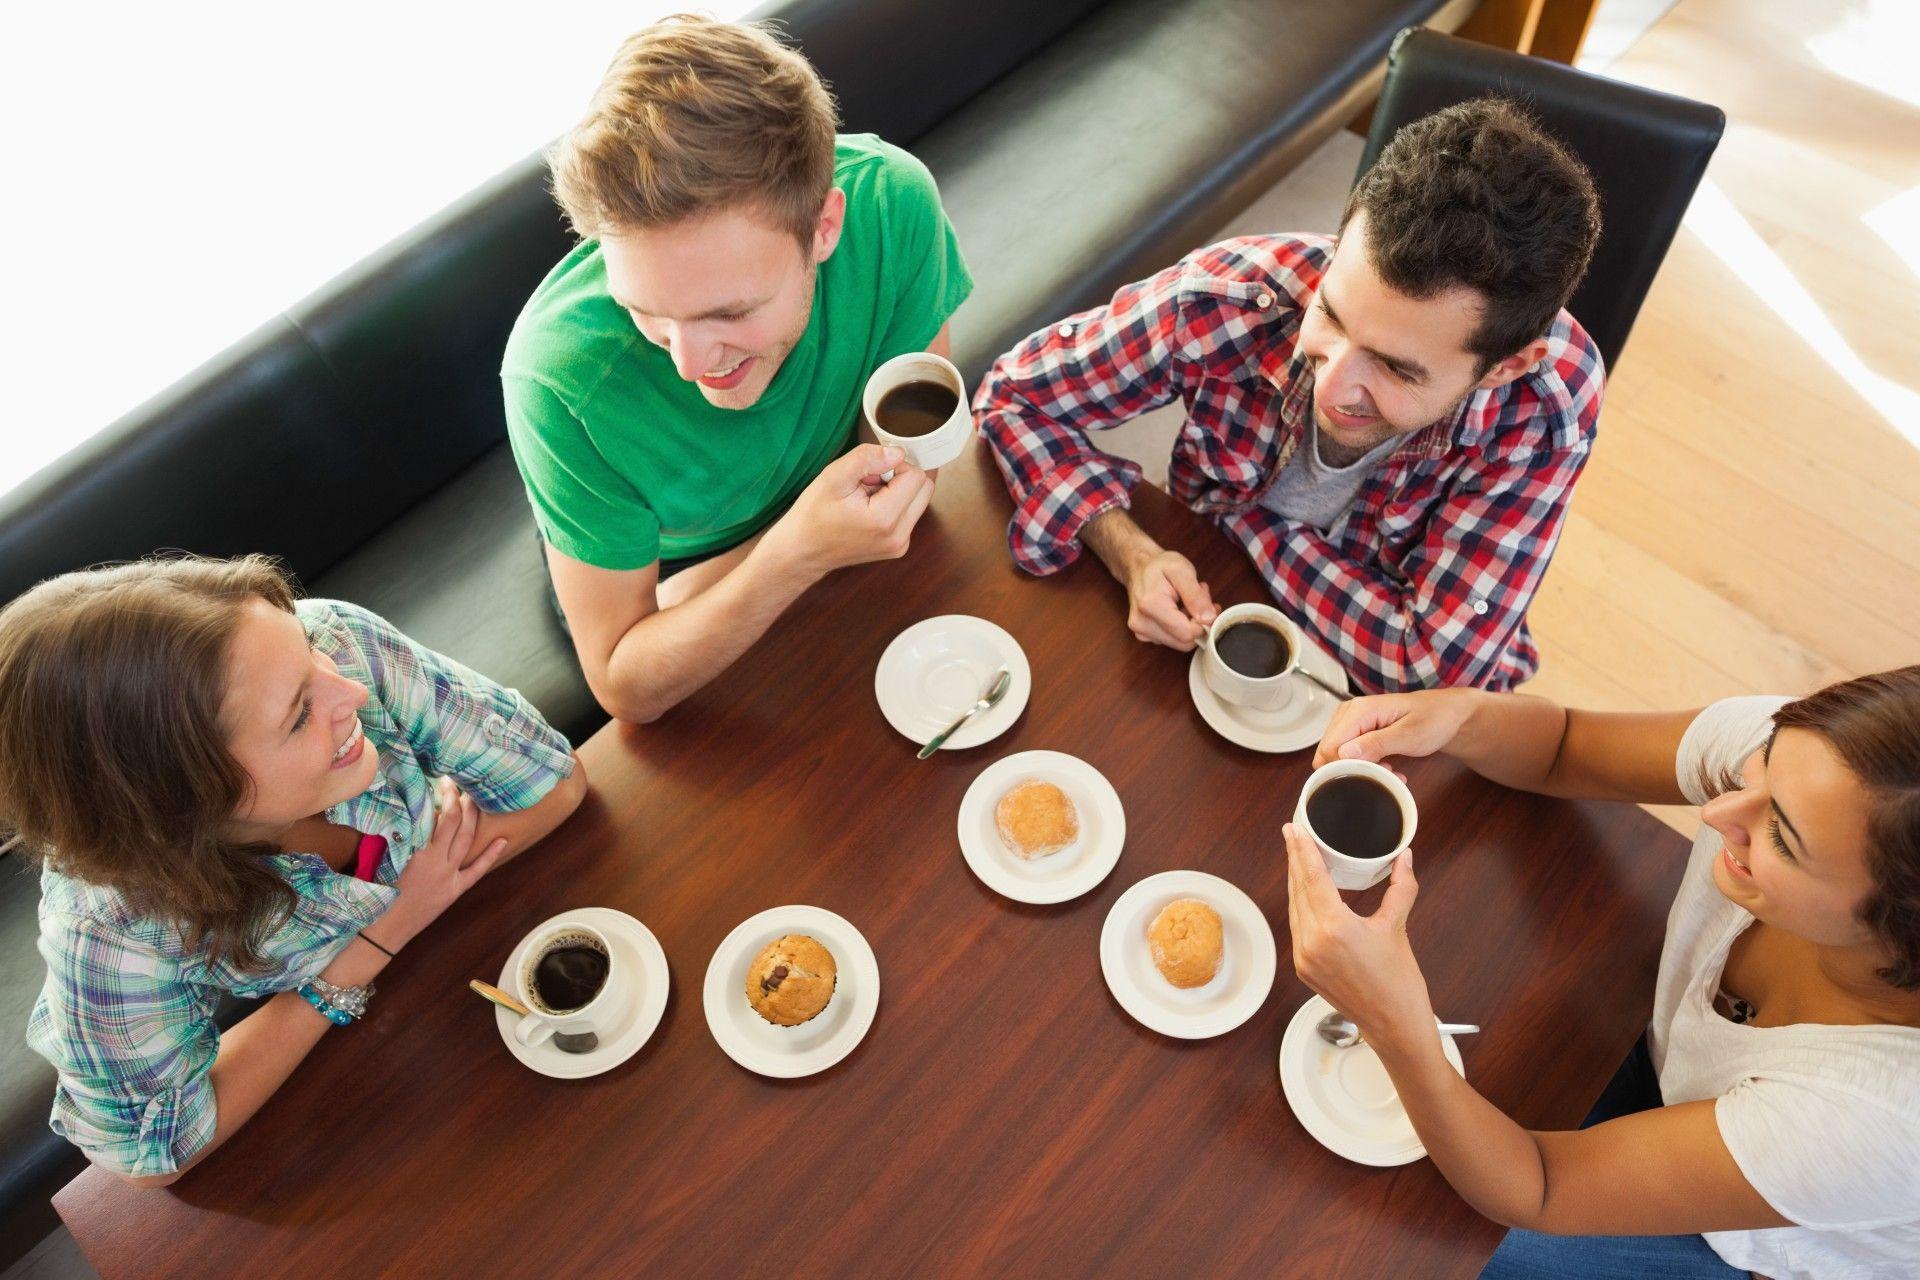 twee vrouwen en twee mannen zitten gezellig aan een tafel koffie te drinken. Er staan ook gebakjes op tafel.